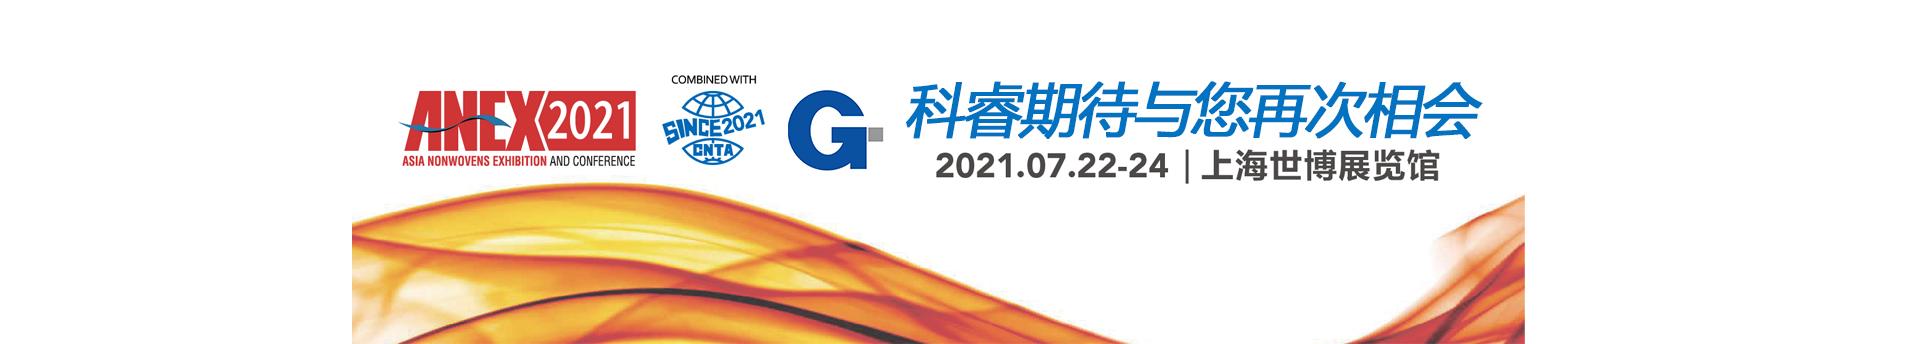 亞洲非織造材料展覽會及上海國際非織造材料展覽會2021-1